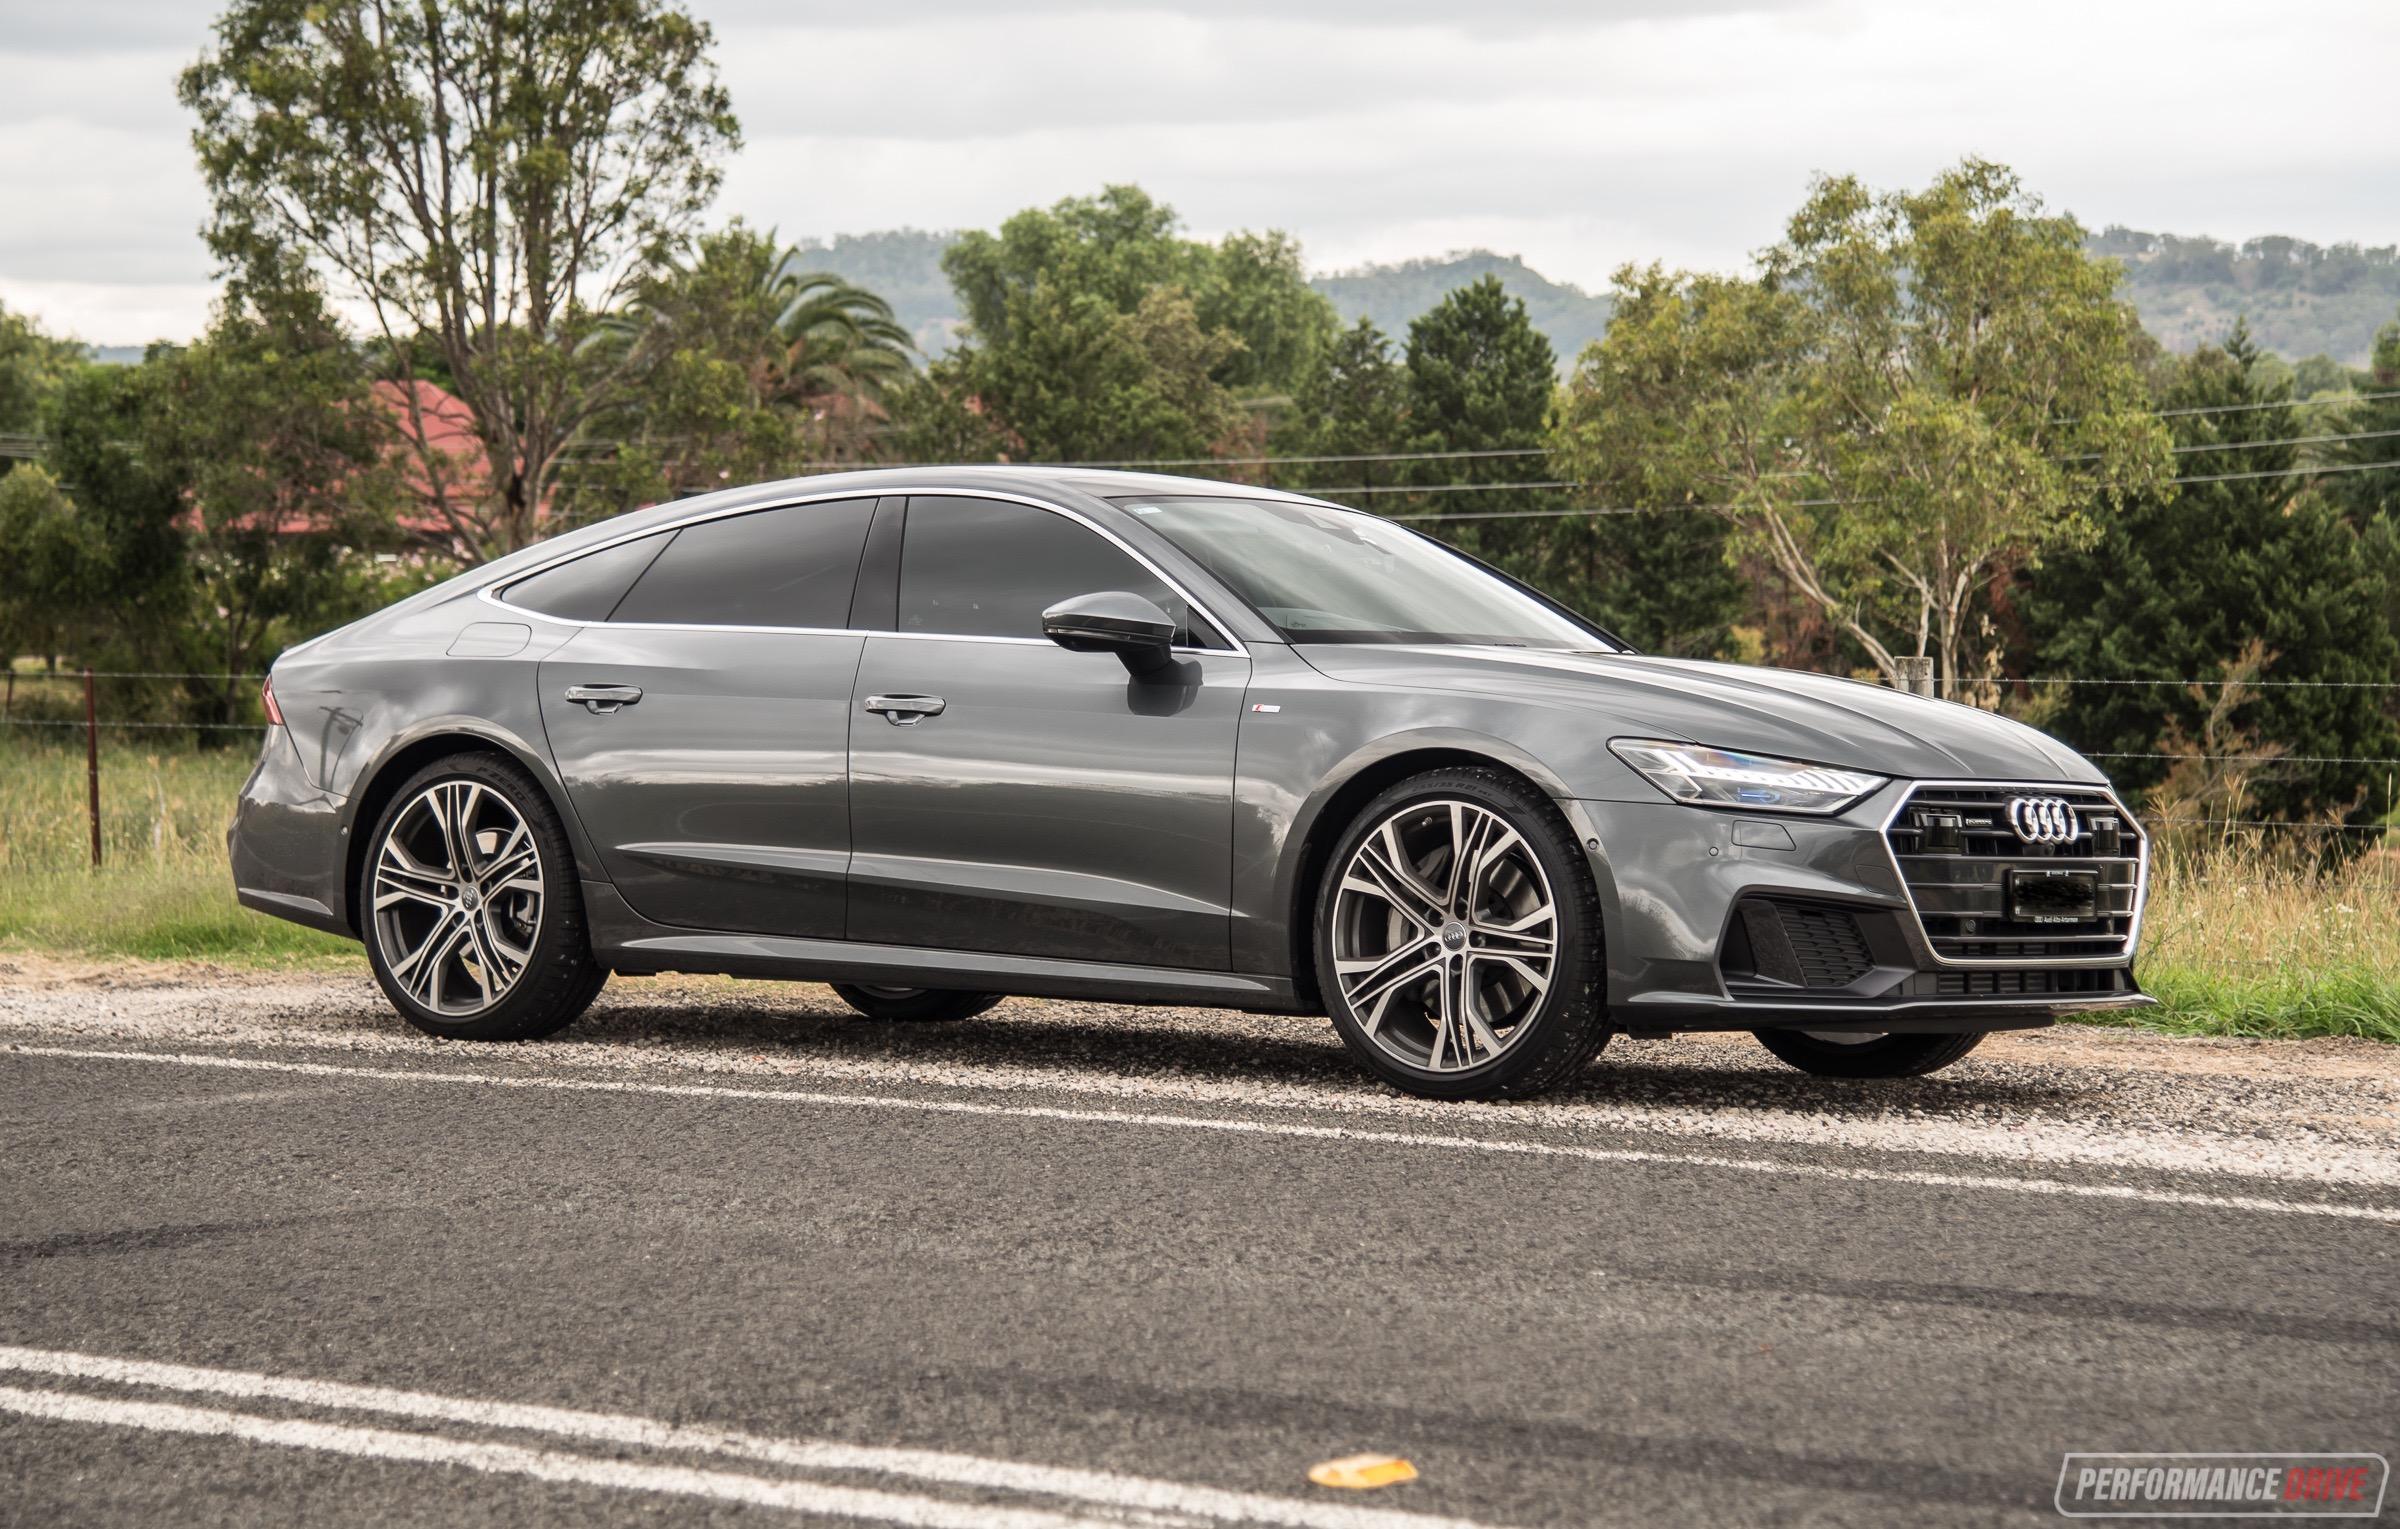 Kekurangan A7 2019 Audi Spesifikasi